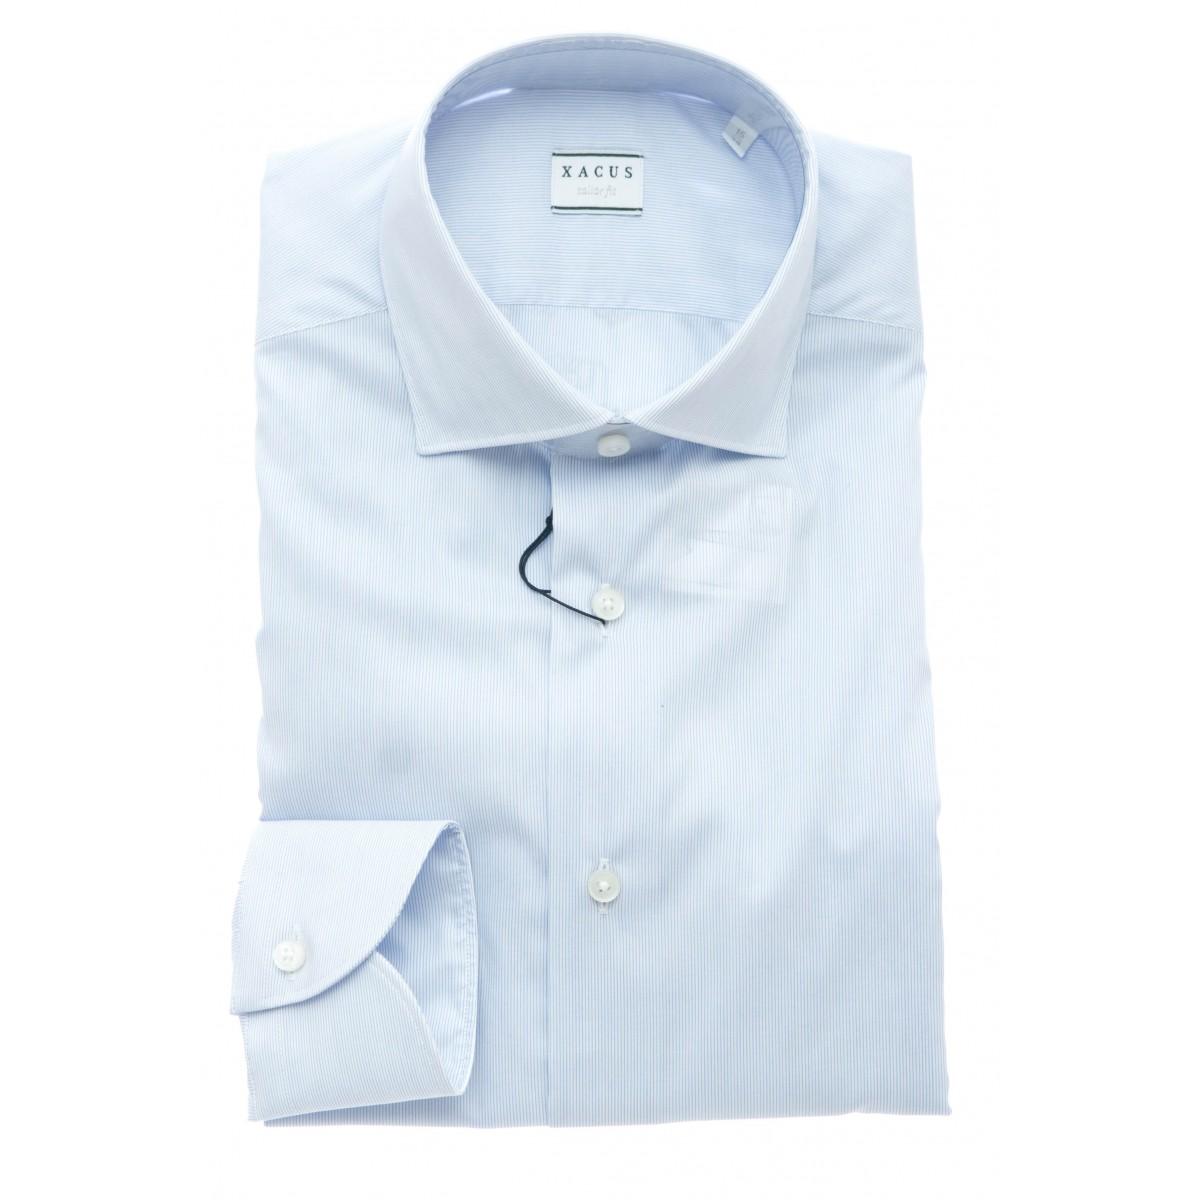 Camicia uomo - 558 61204